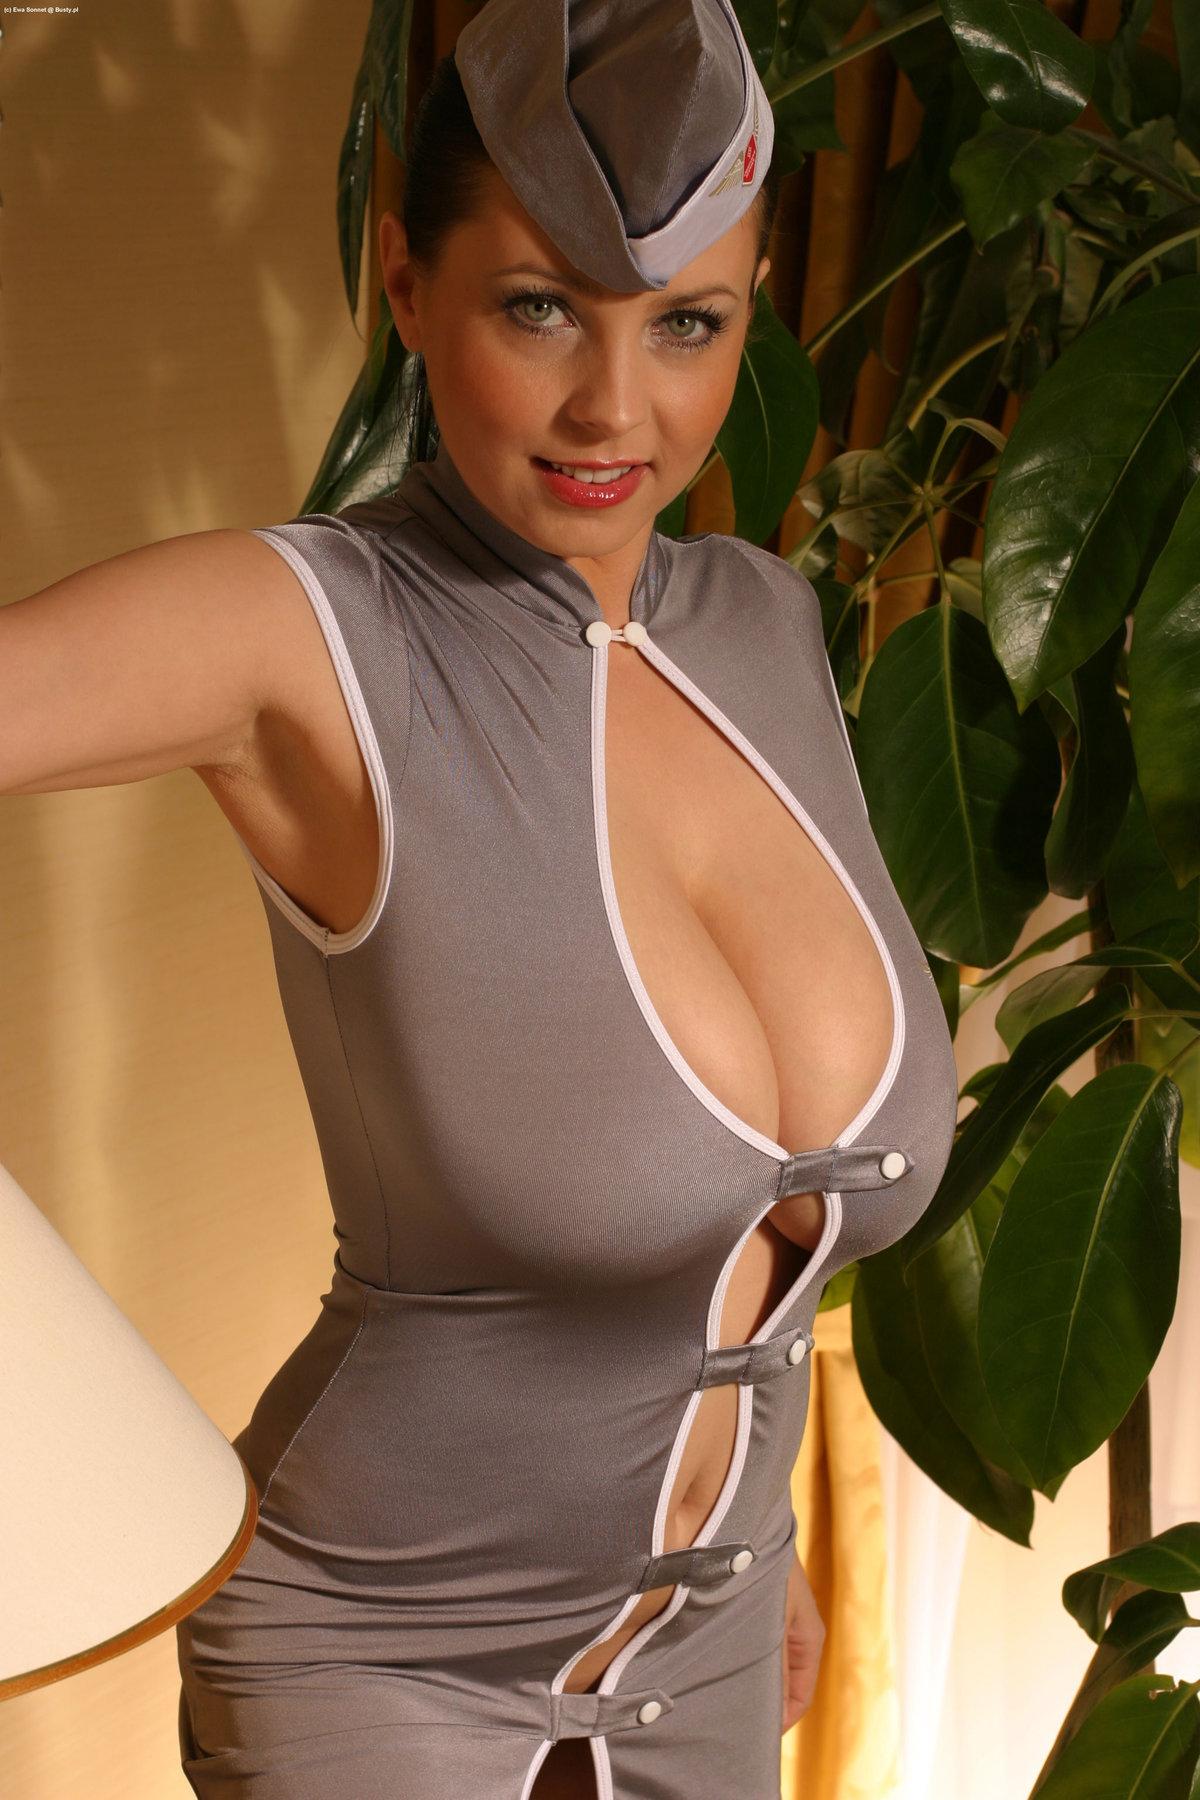 Сочная грудь стюардессы, самая красивая голая брюнетка